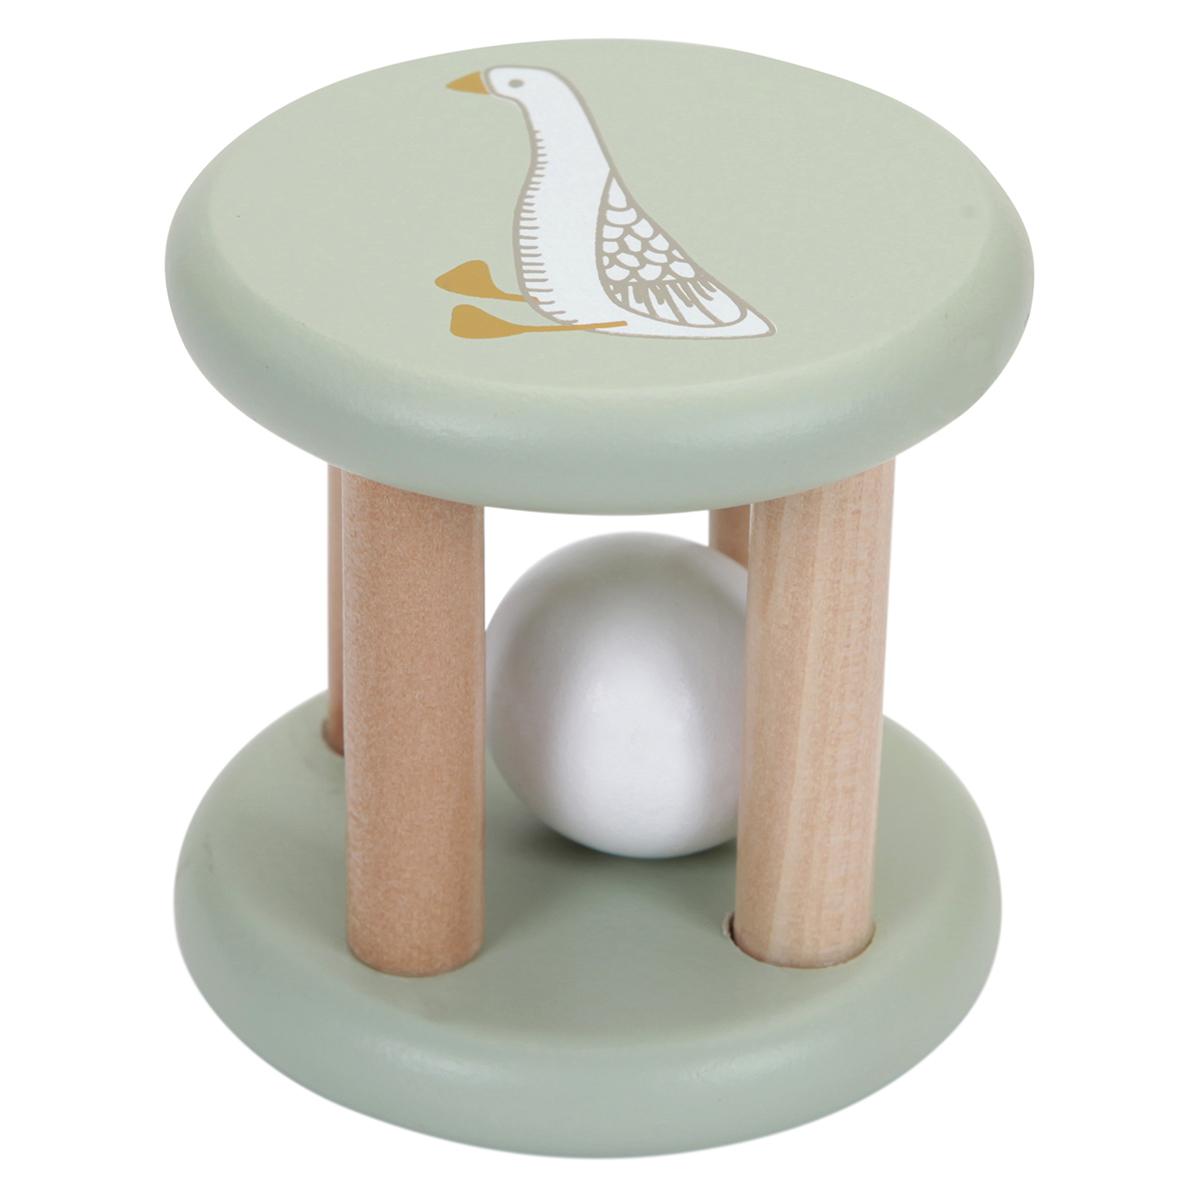 Hochet Hochet Boule en Bois Little Goose Hochet Boule en Bois Little Goose